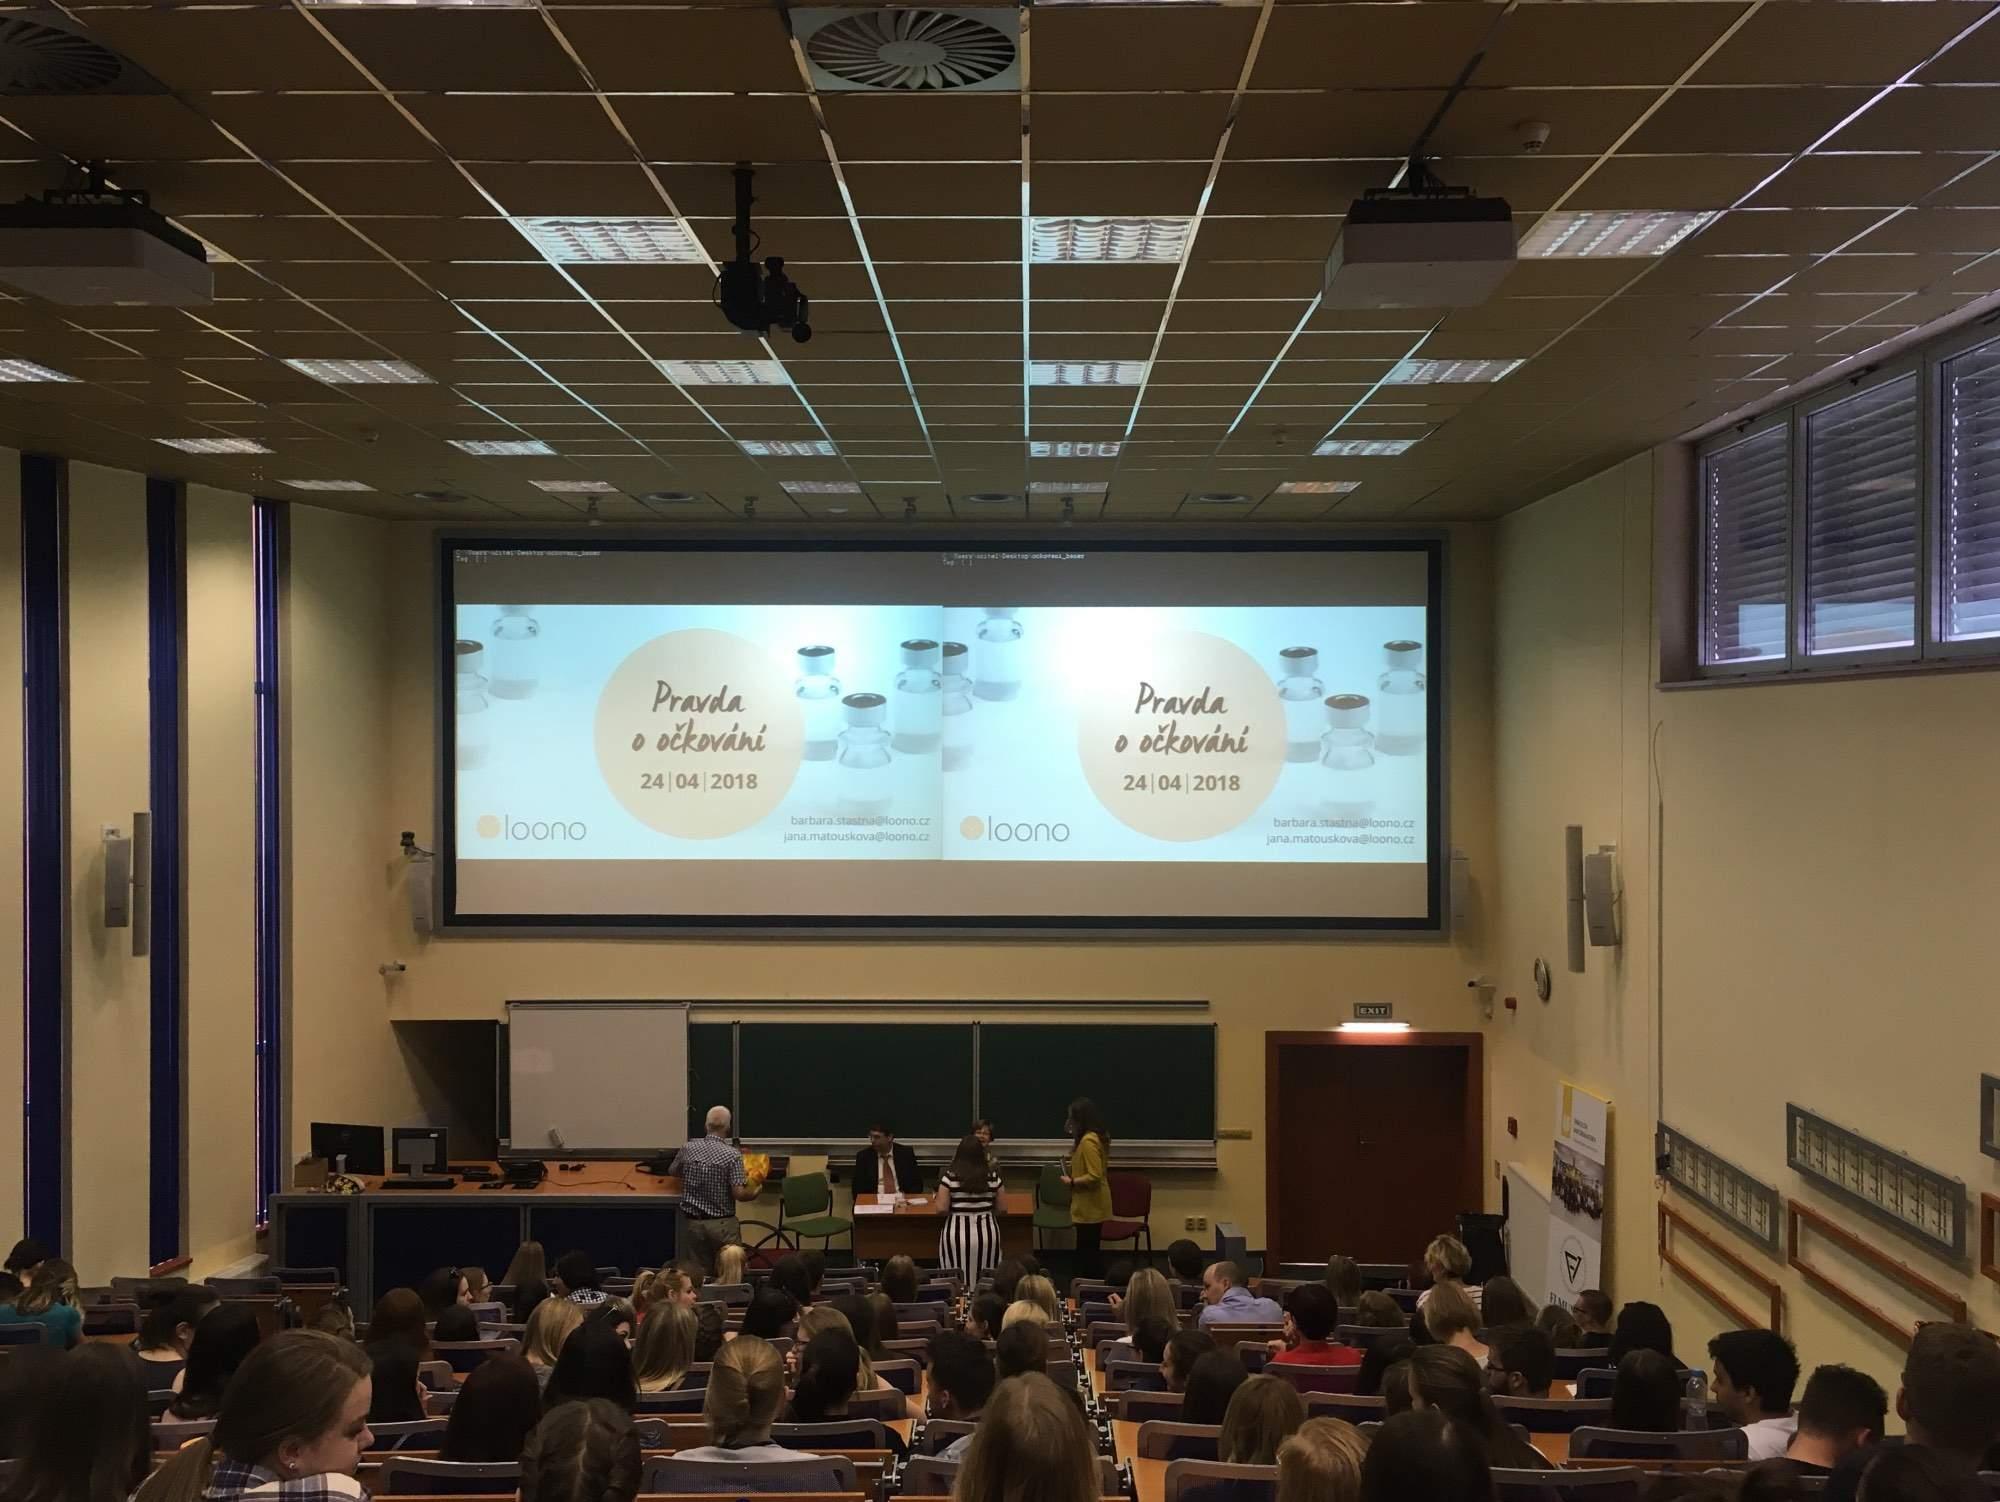 Debata Pravda o očkování v Brně, foto: Veronika Sodomová